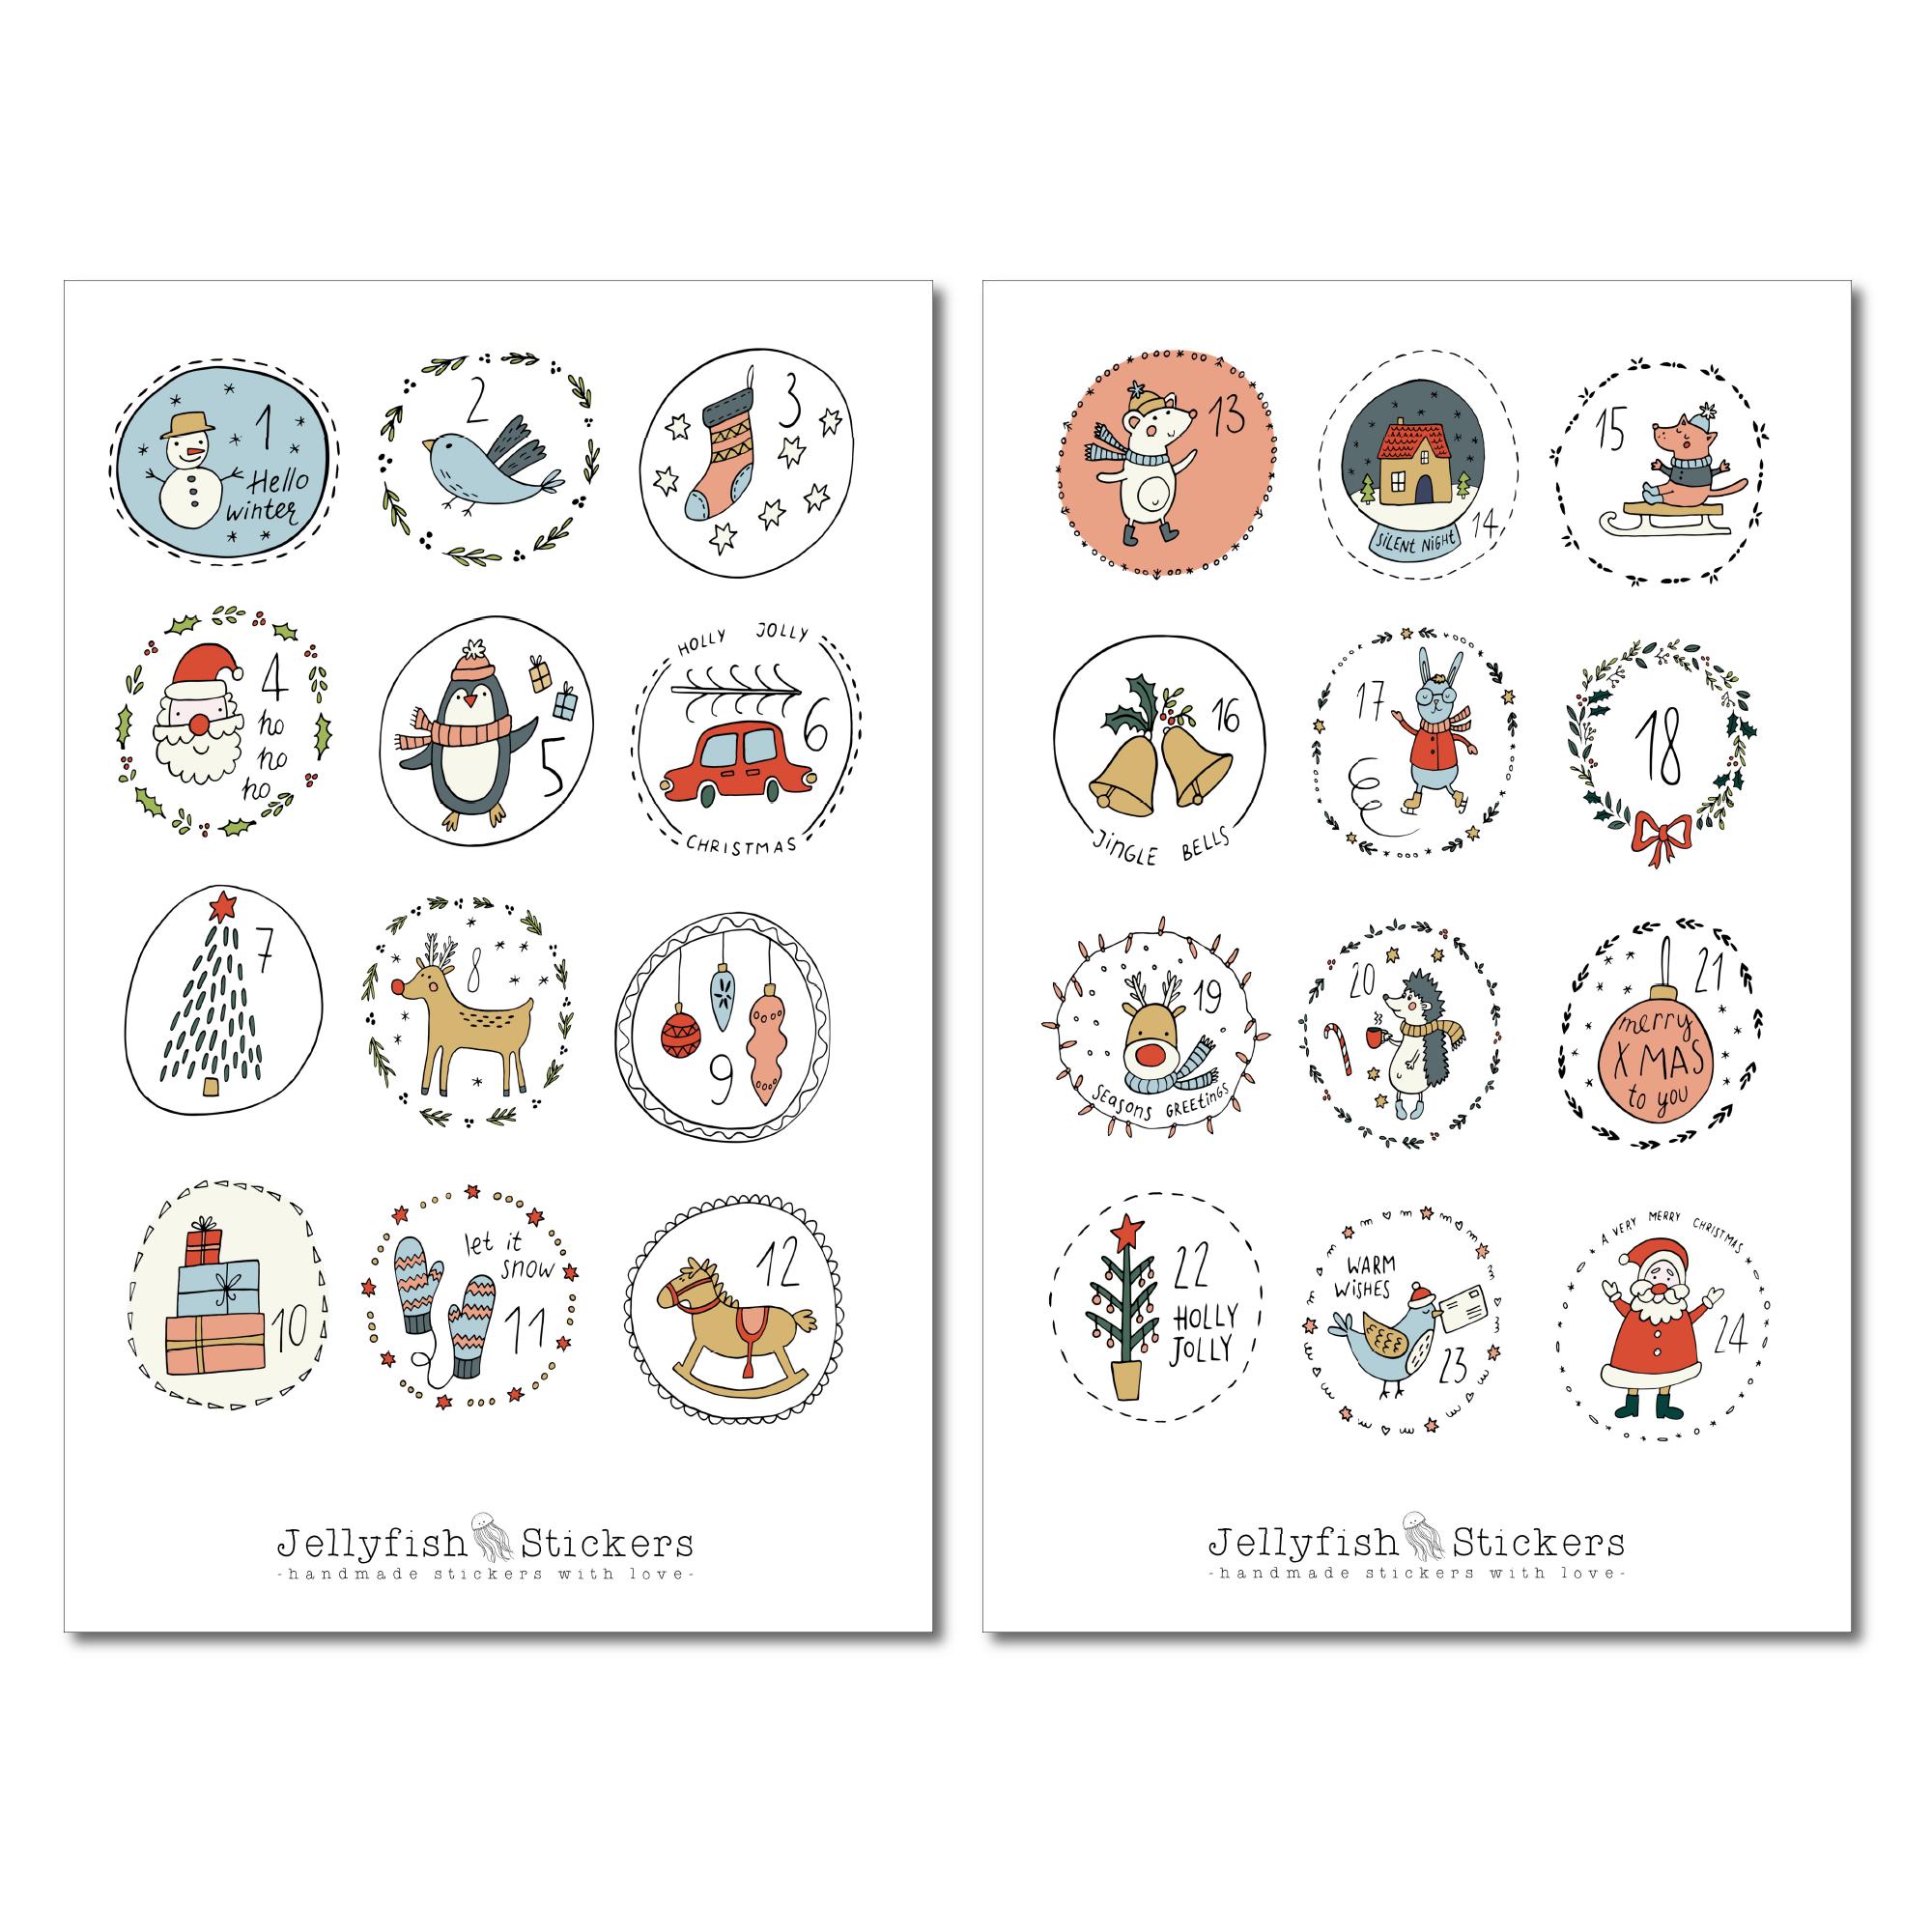 jellyfish stickers  adventskalender sticker set